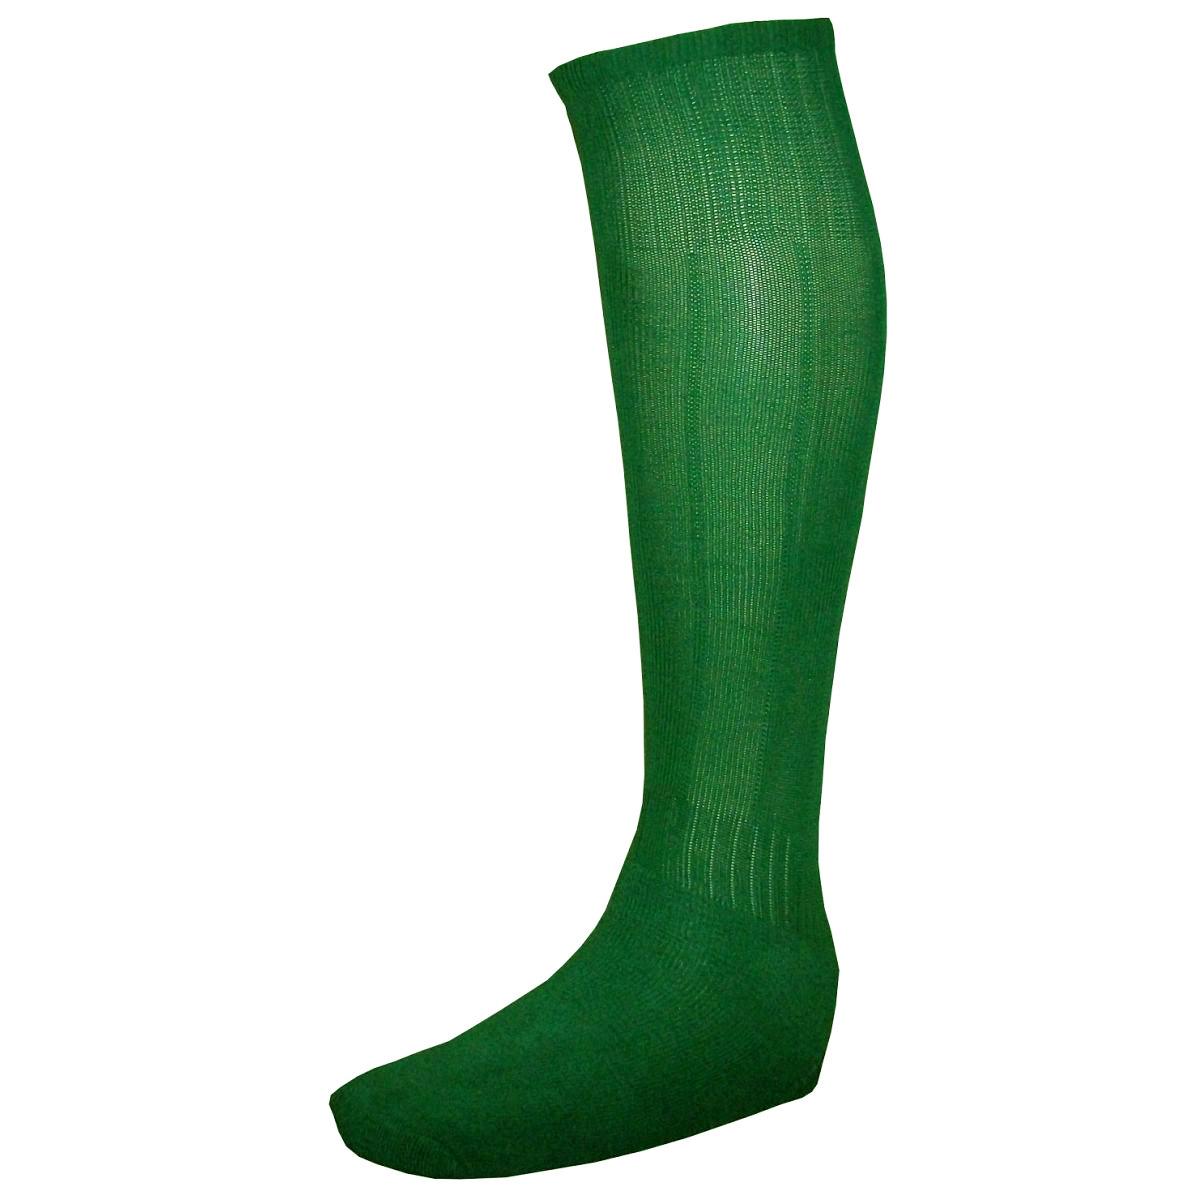 Uniforme Esportivo Completo modelo PSG 14+1 (14 camisas Verde/Preto/Amarelo + 14 calções Madrid Preto + 14 pares de meiões Verde + 1 conjunto de goleiro) + Brindes